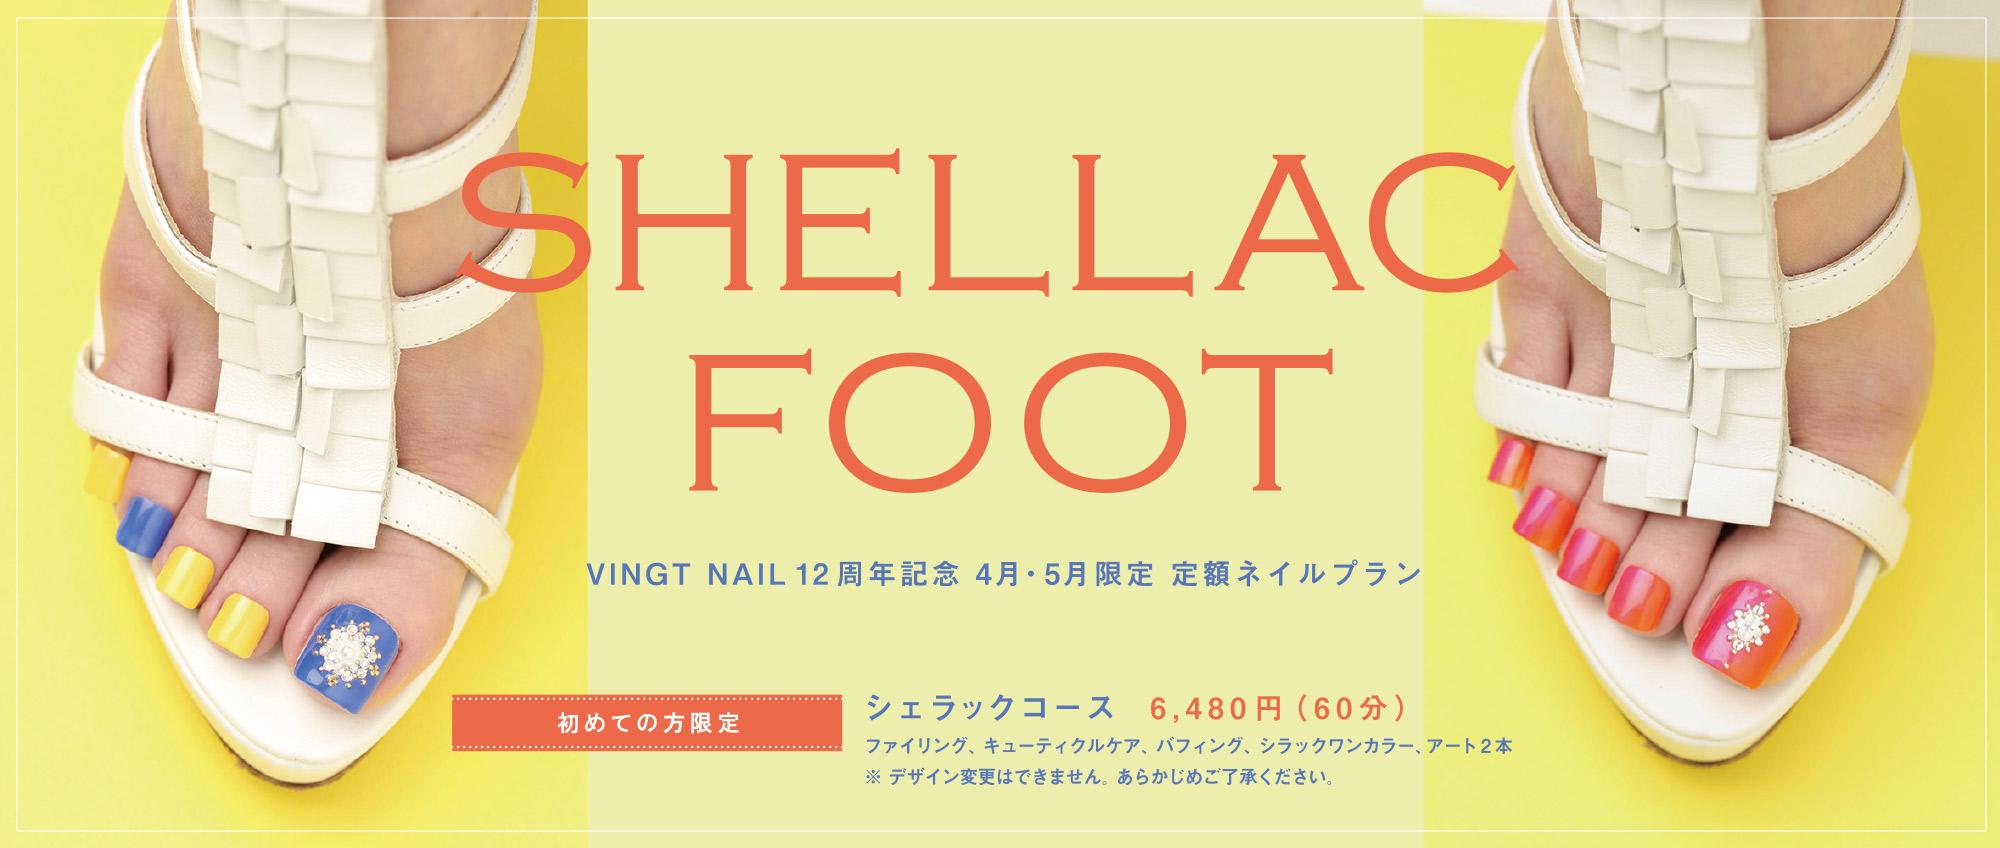 VINGT NAIL 12周年記念 4月・5月限定 定額ネイルプラン